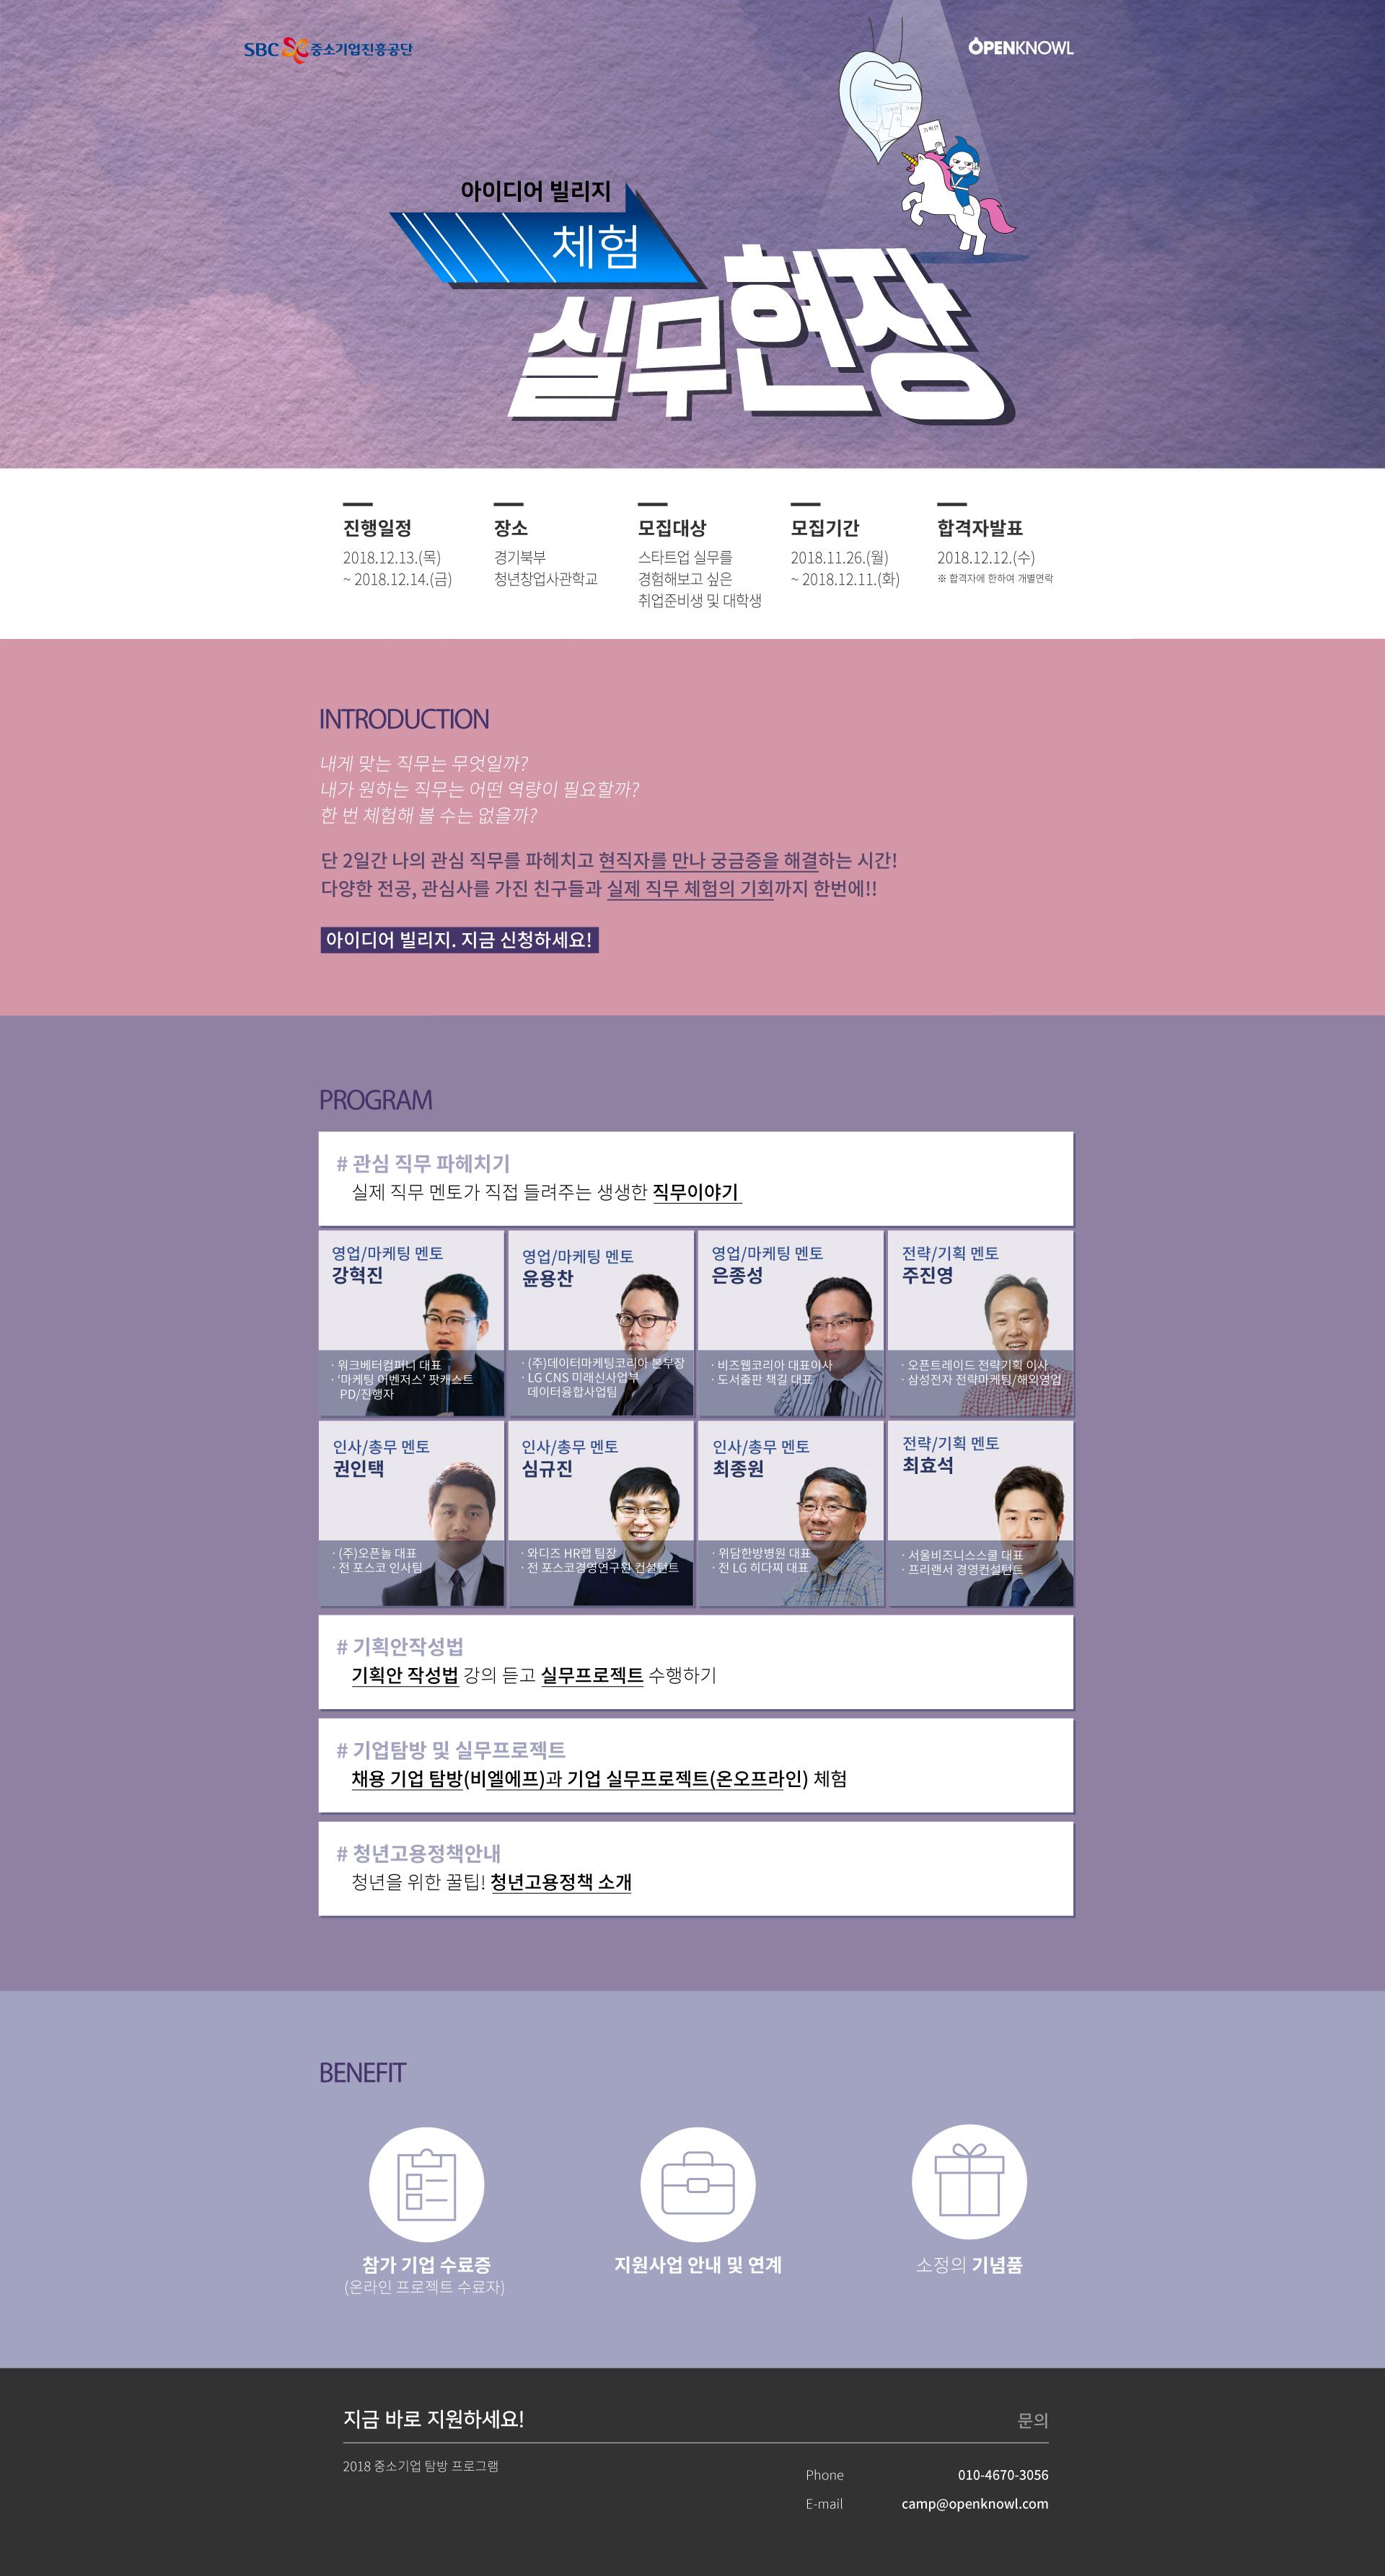 [중소기업진흥공단] 체험 실무현장